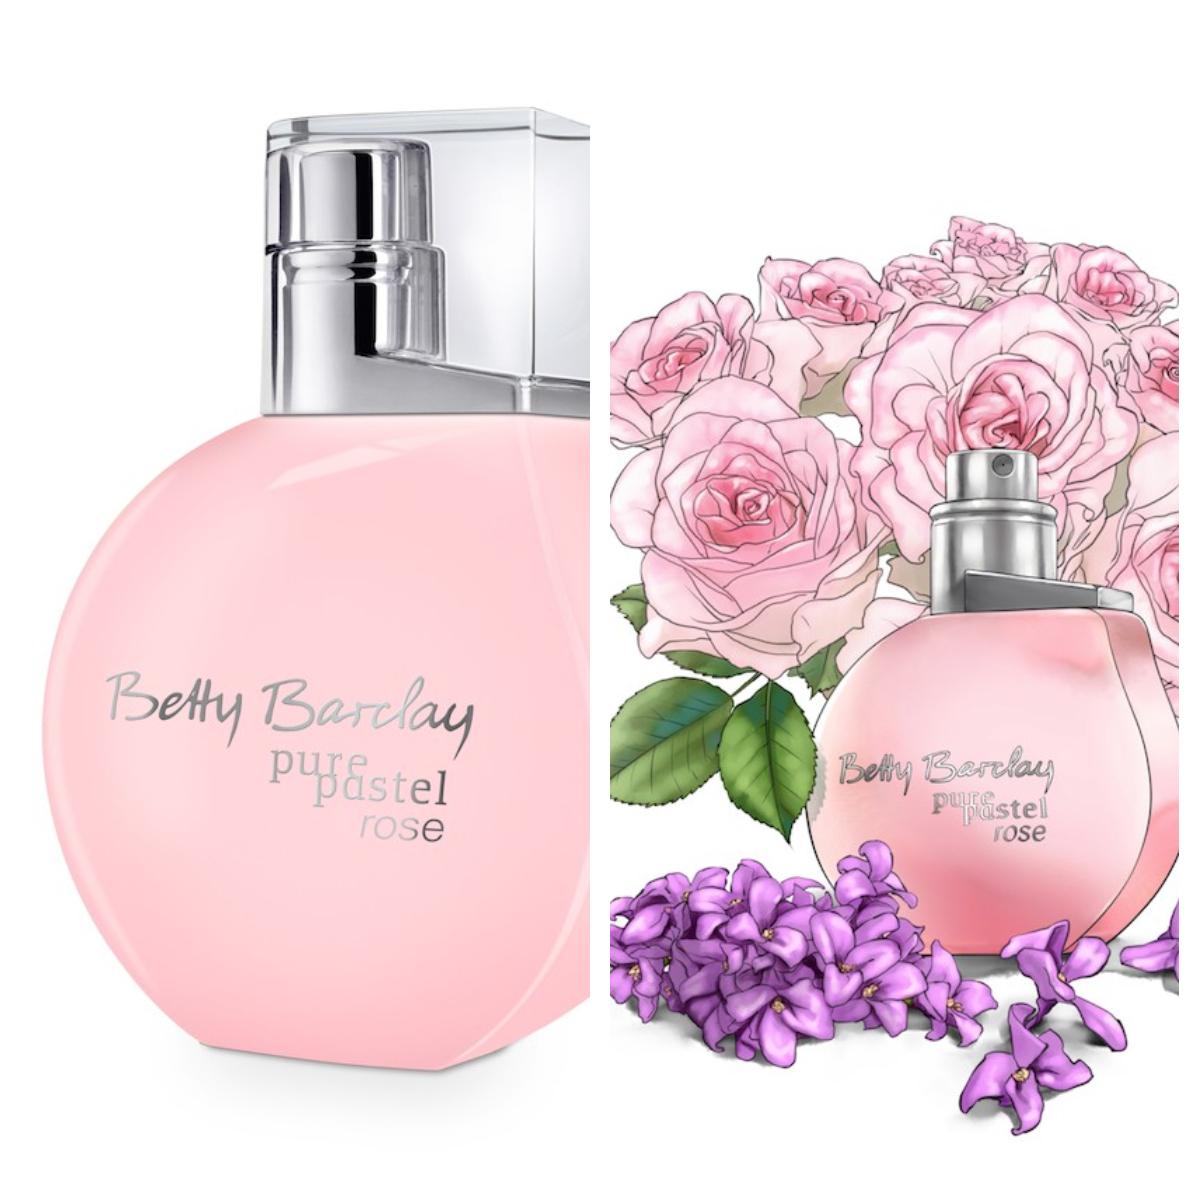 Betty Barclay pure pastel rose<br />stílus: bájos, játékos, fiatalos<br />illatvilág: rózsaszirom, frissen romantikus<br />szín: finom tónusok, lágy, rózsaszín árnyalatok